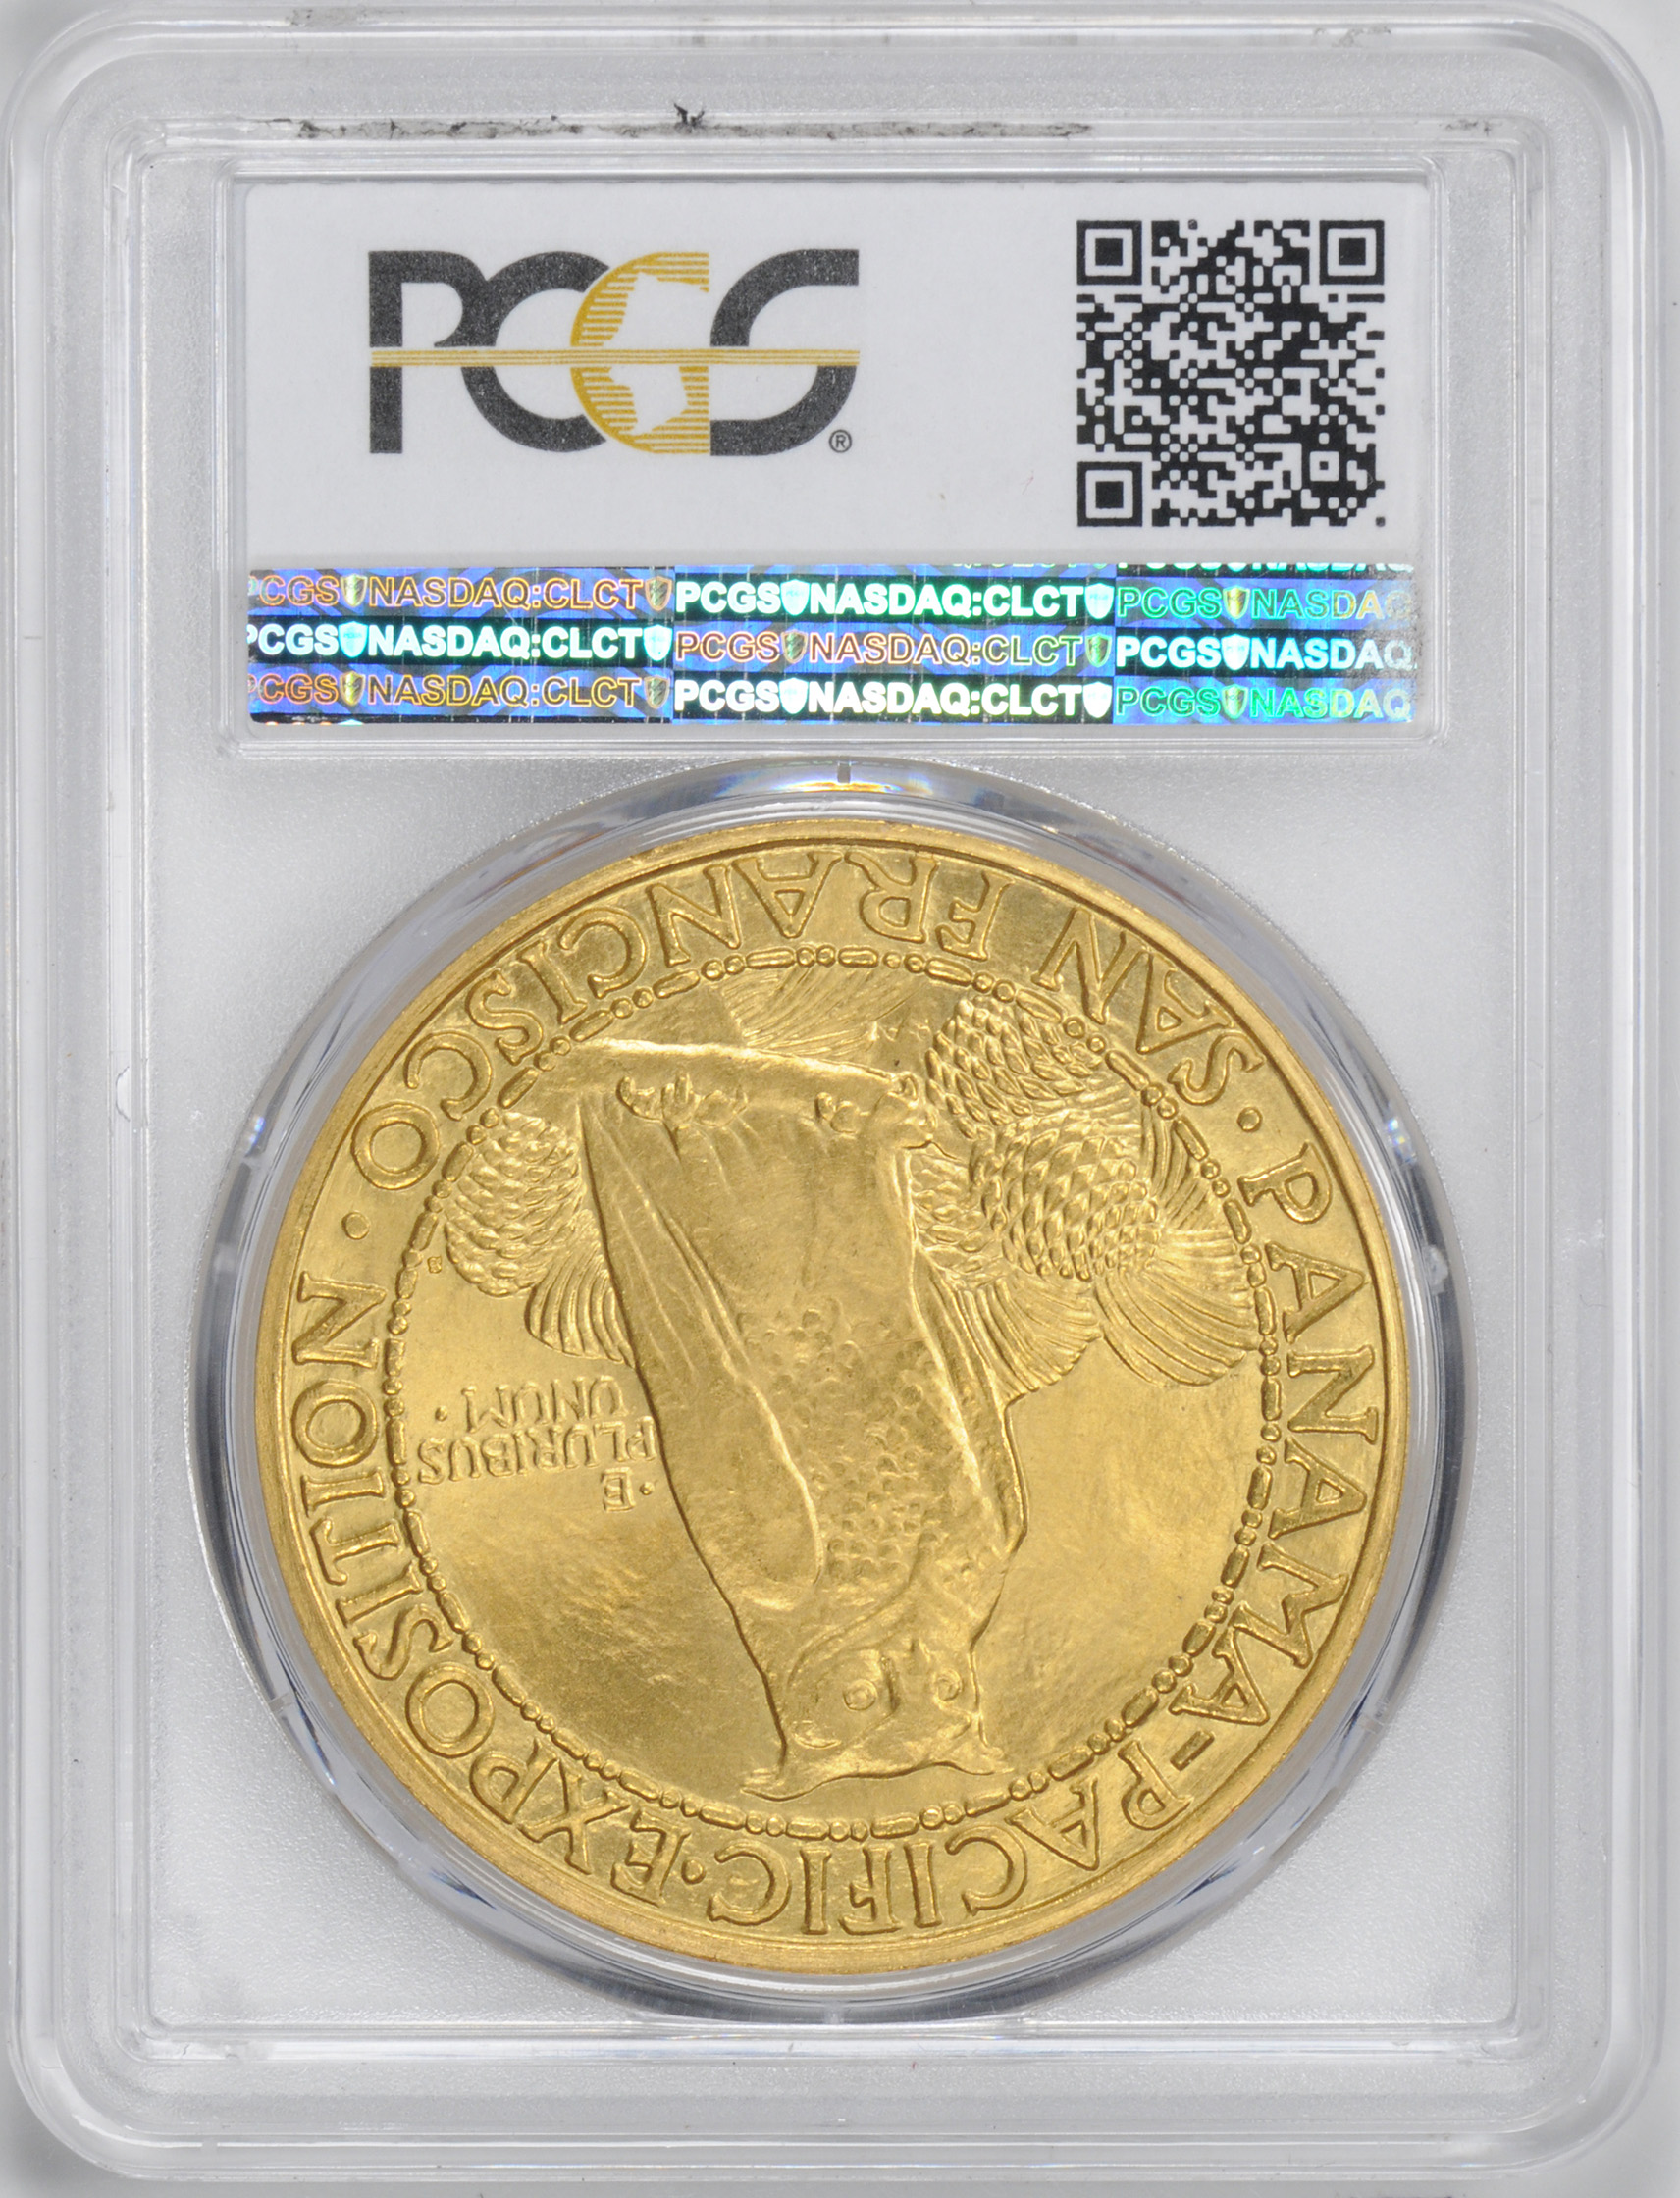 アメリカアンティークコイン50ドル パナマパシフィック金貨1915-S Round $50 PCGS MS65